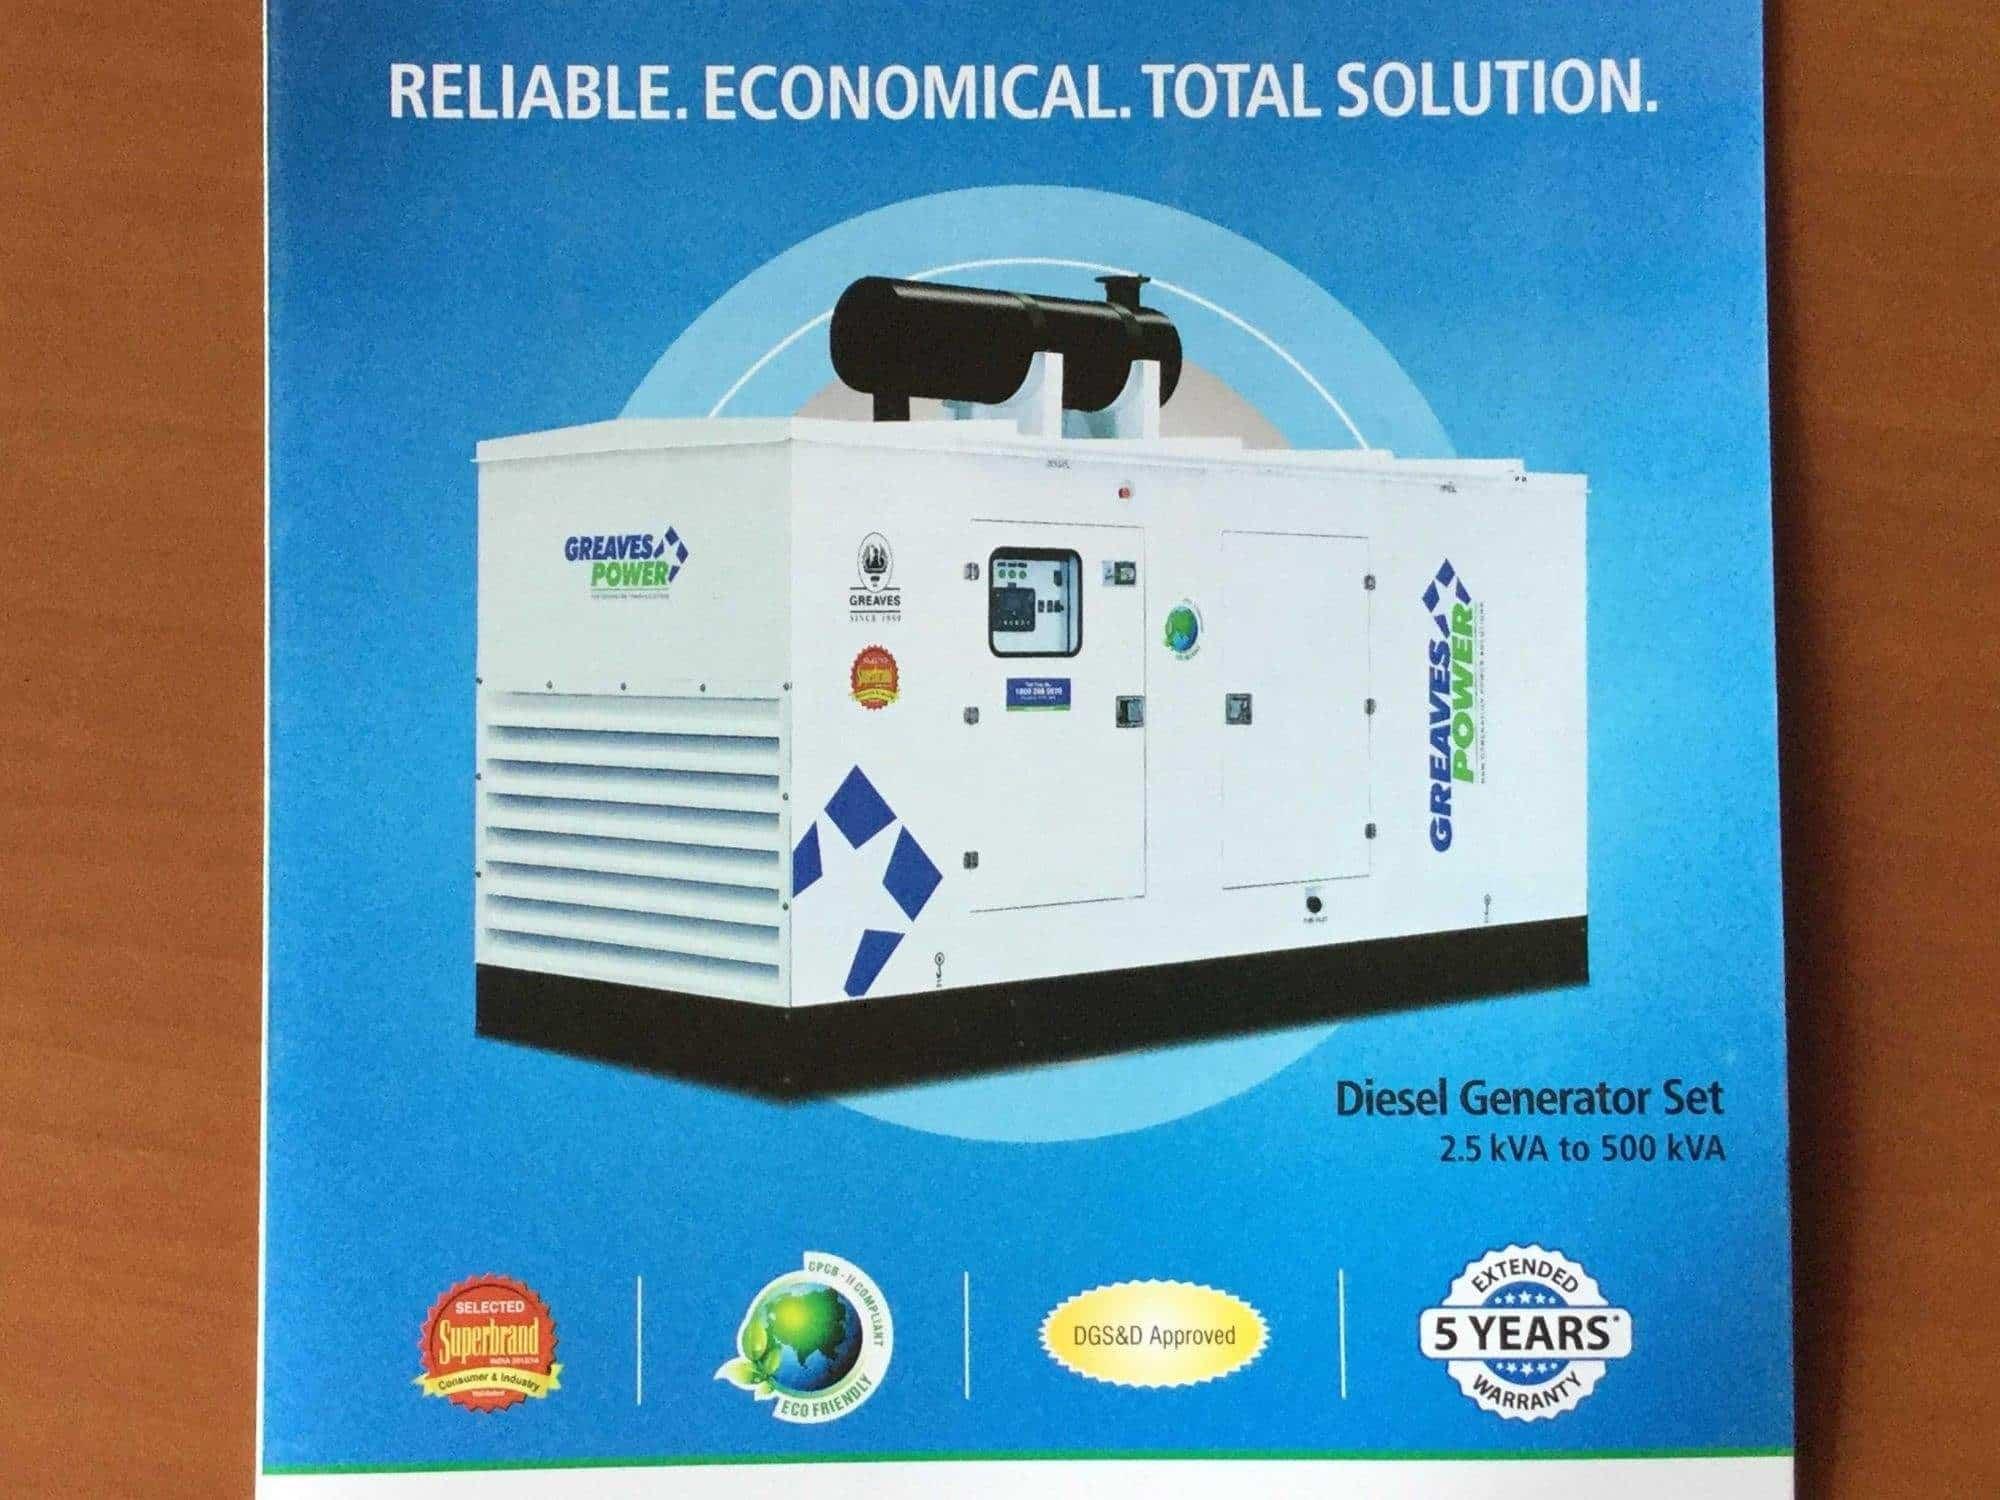 Top Diesel Generator Dealers Greaves in M G Road Best Diesel